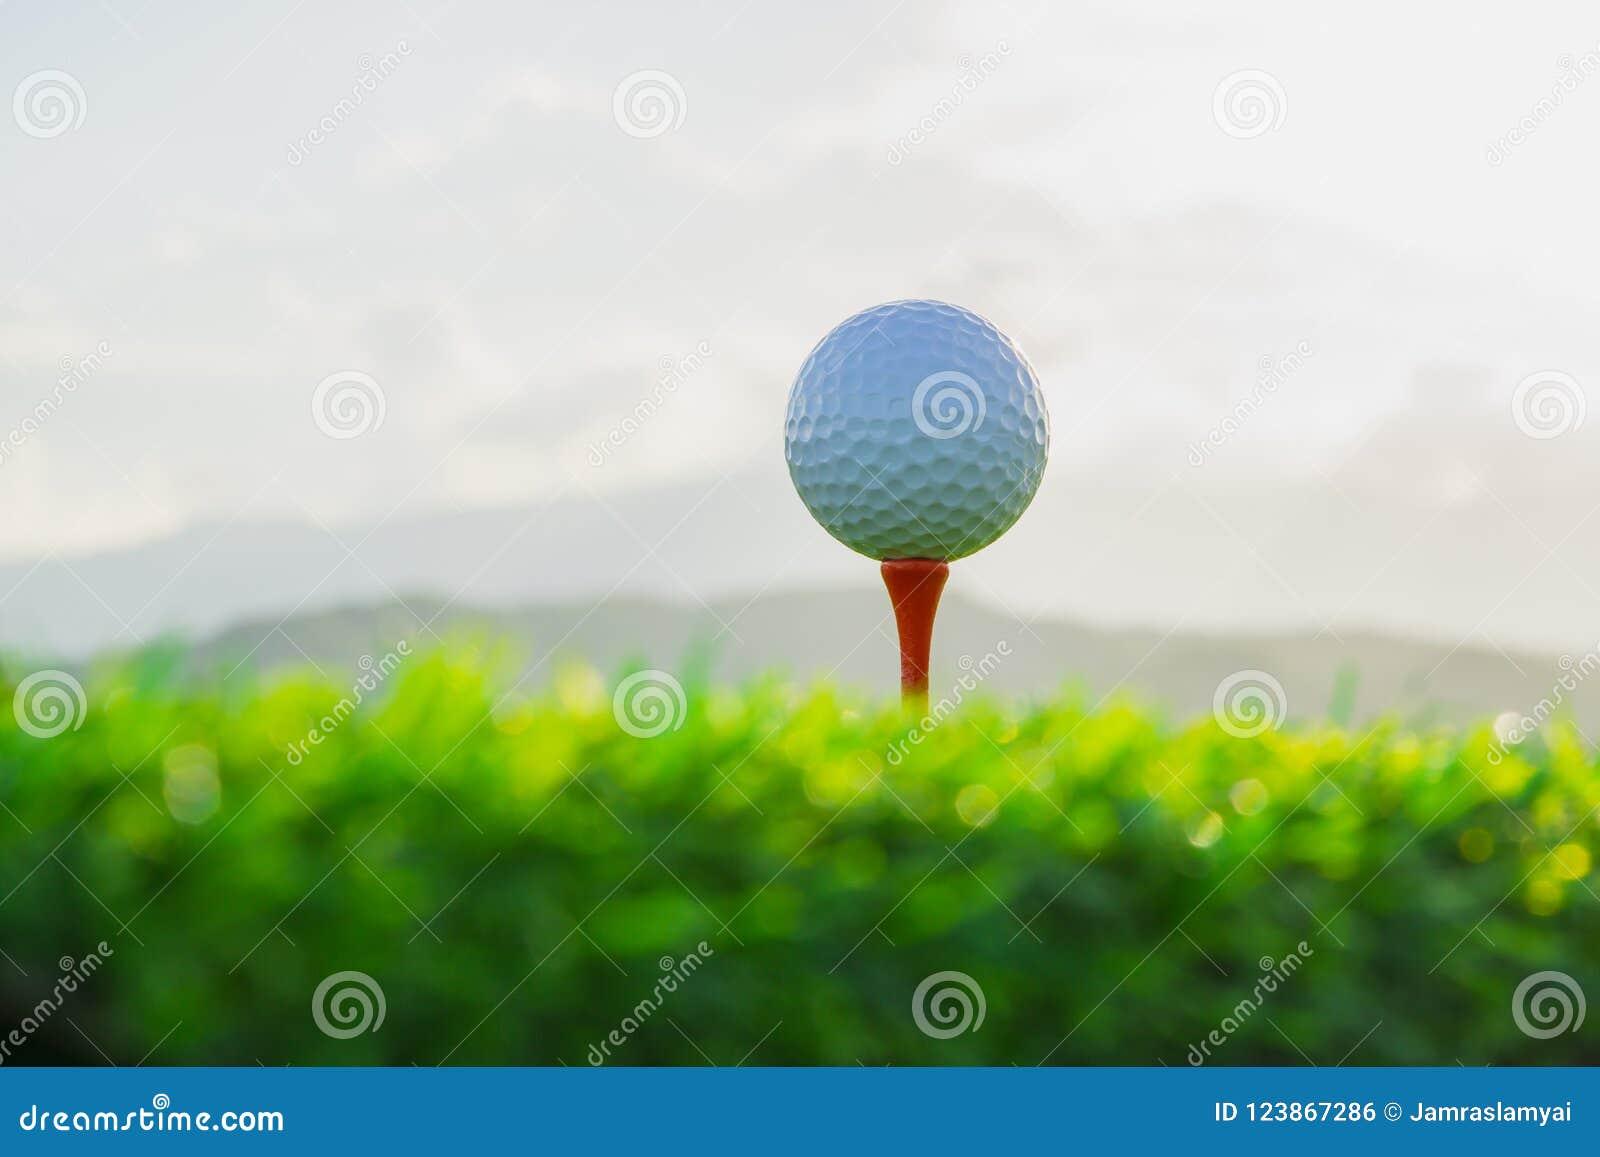 在发球区域的高尔夫球在自然背景中固定准备好使用